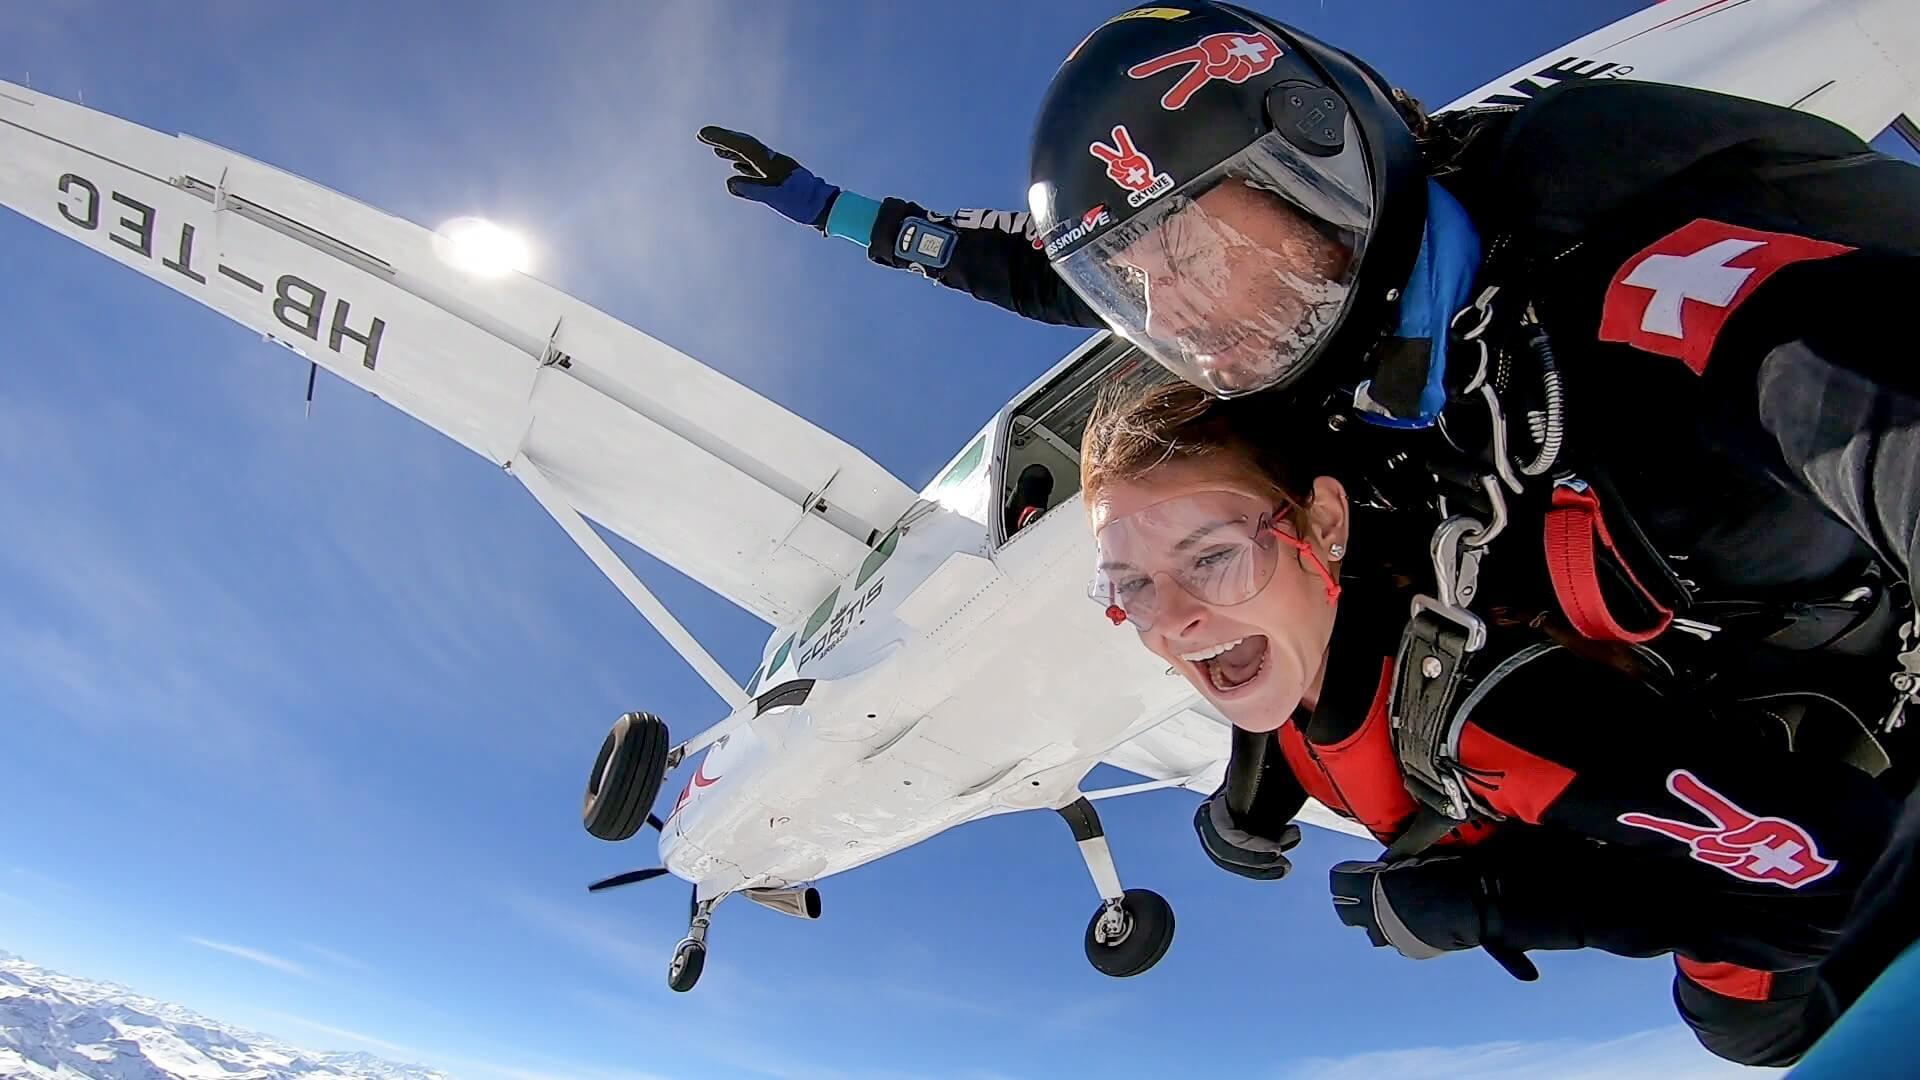 skydive-switzerland-sprung-flugzeug